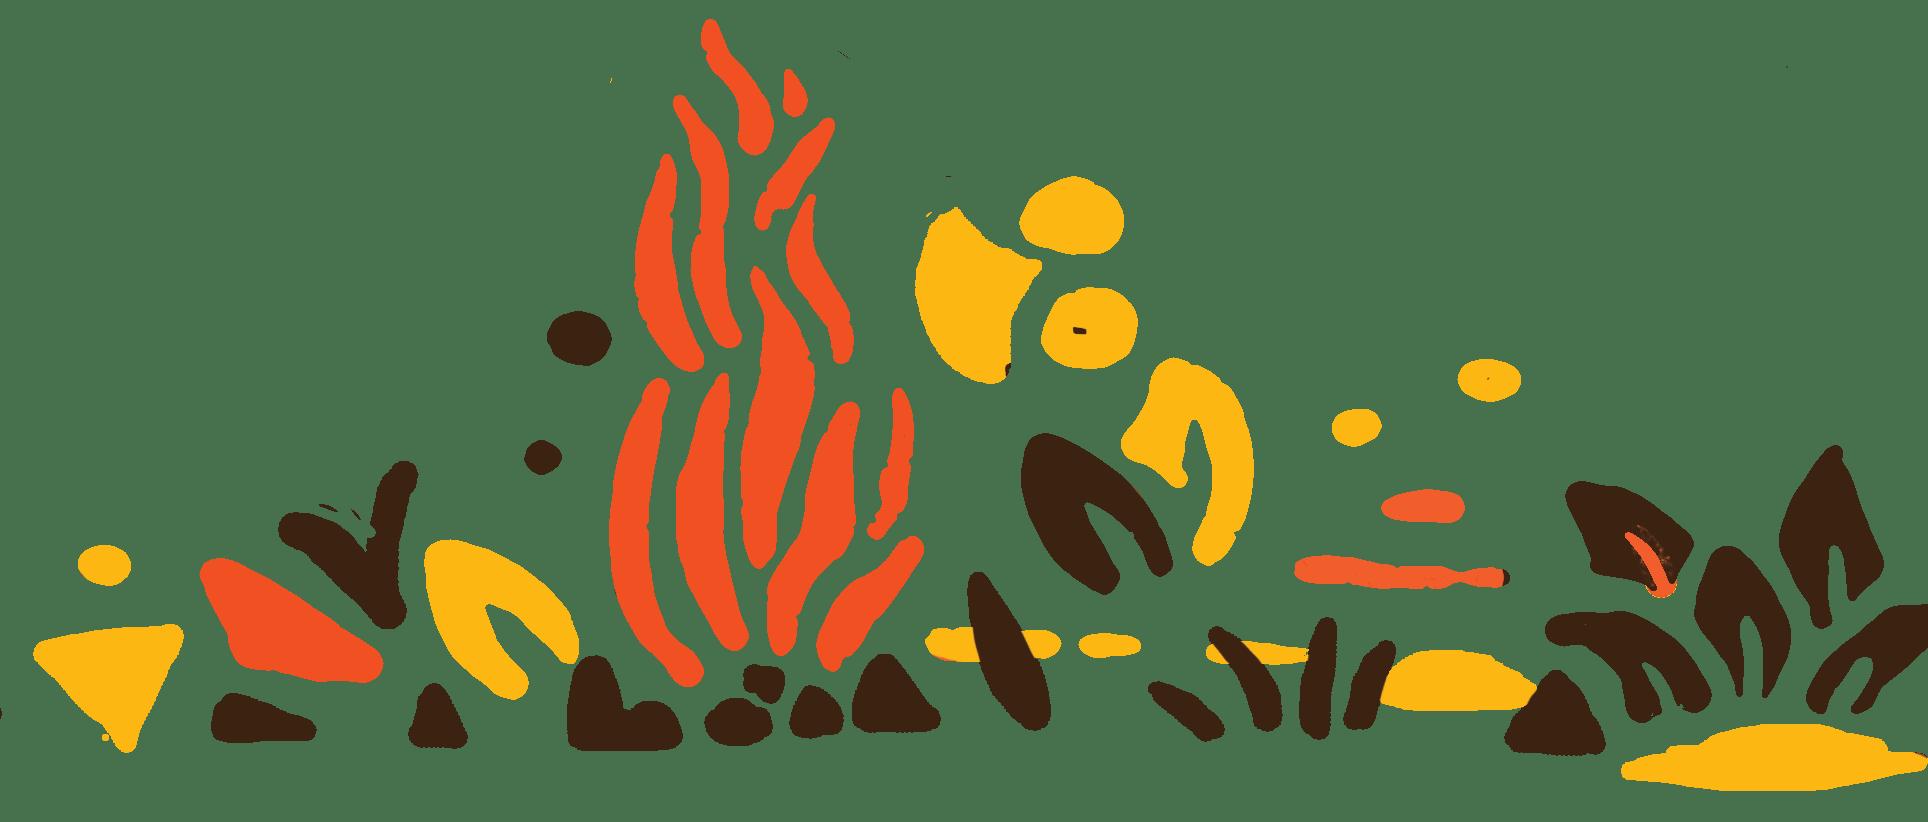 Adorno Boicot Café